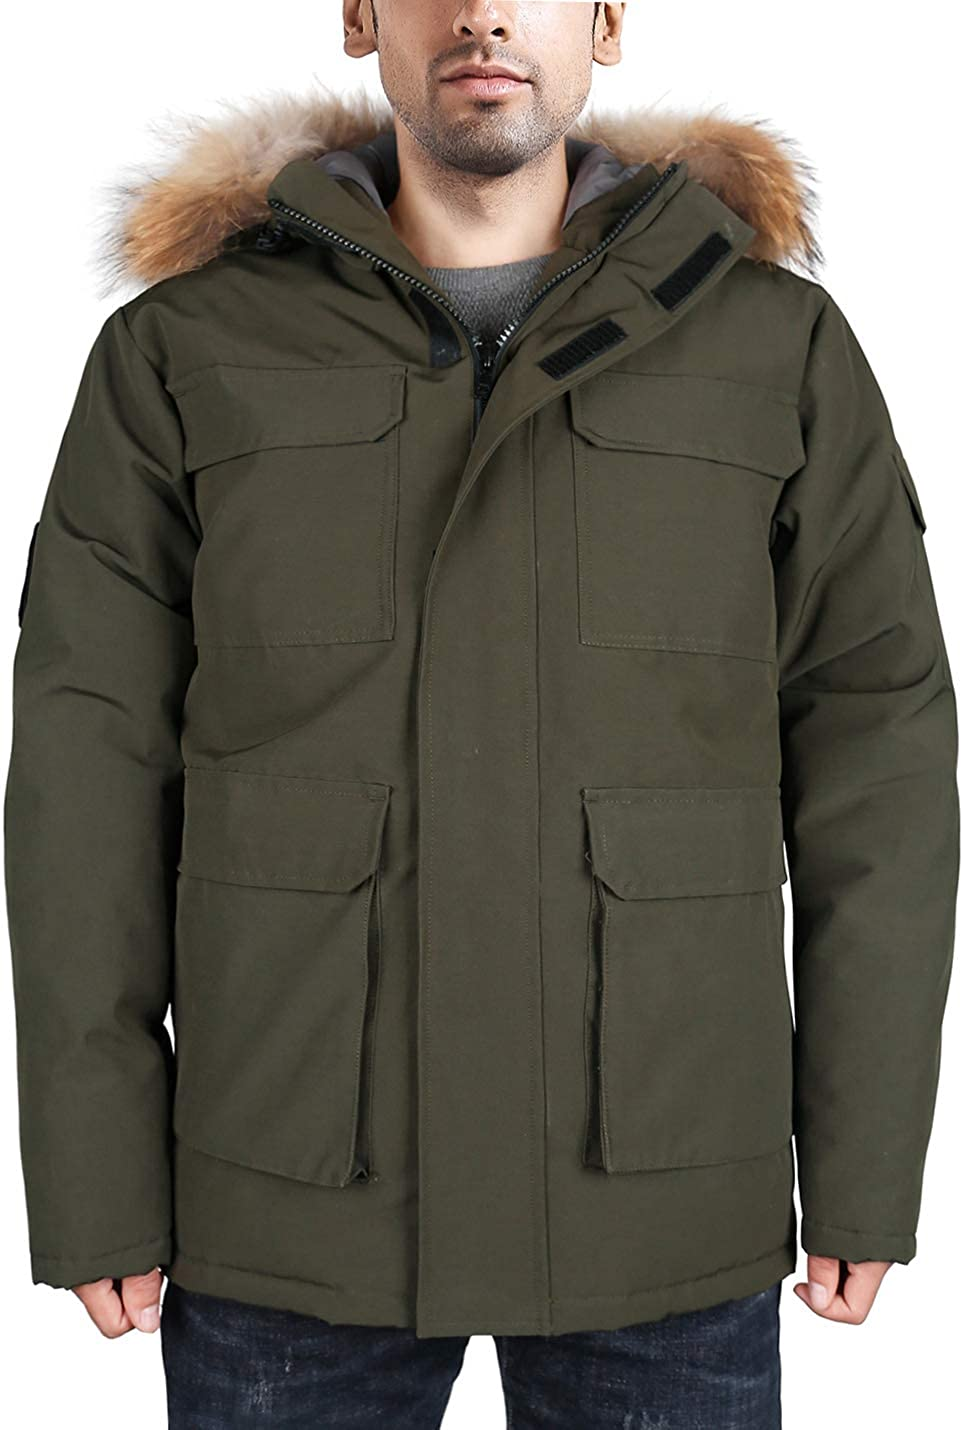 shipfree HARD LAND Men's Goose Down Waterproof Heavy Wi Jacket gift Parka